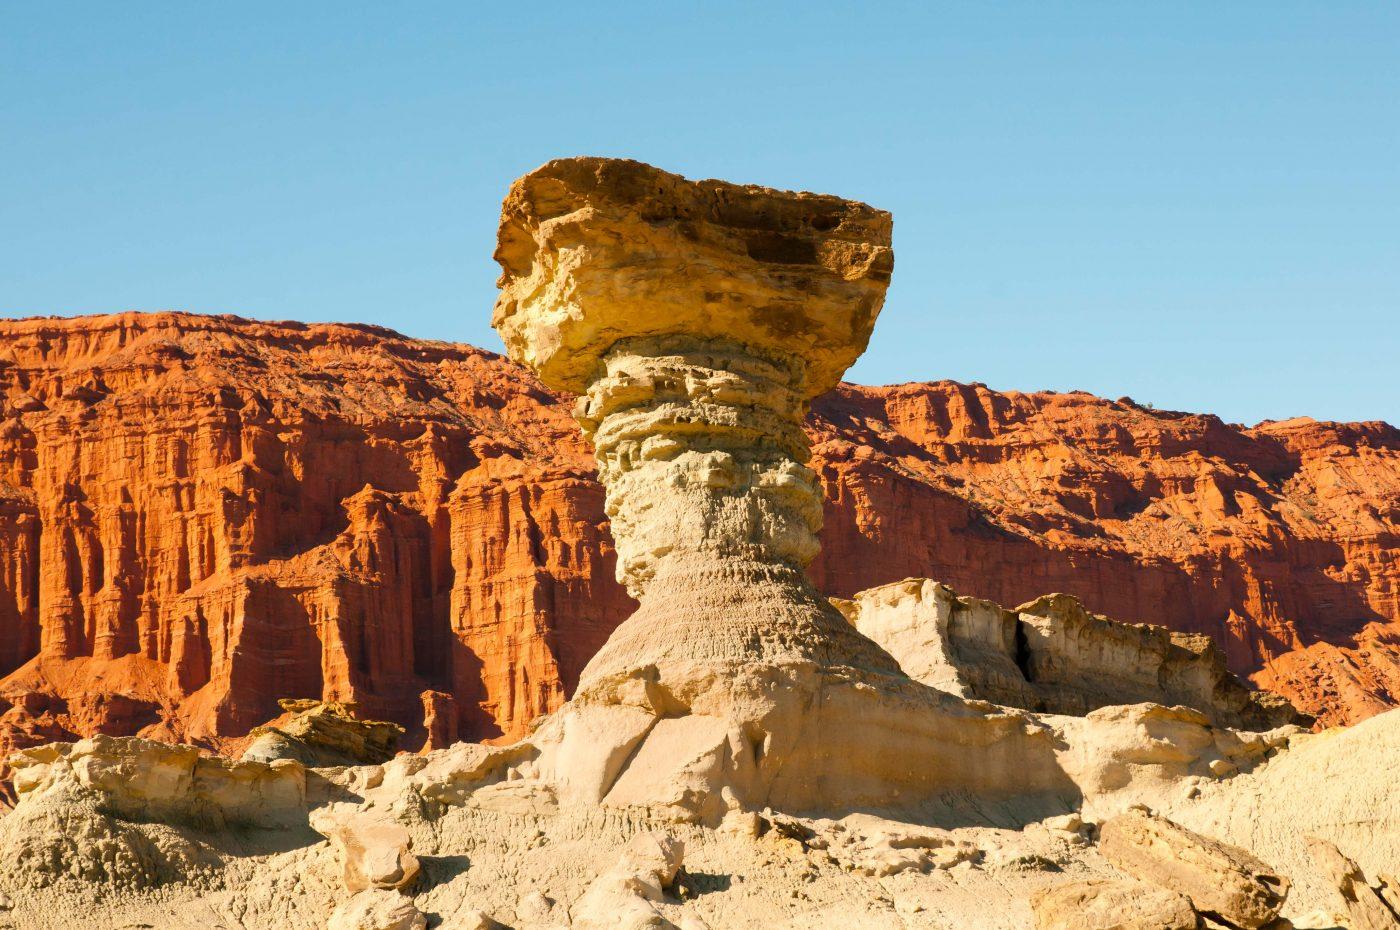 Pilzförmige Gesteinsformation im  Naturreservat Ischigualasto